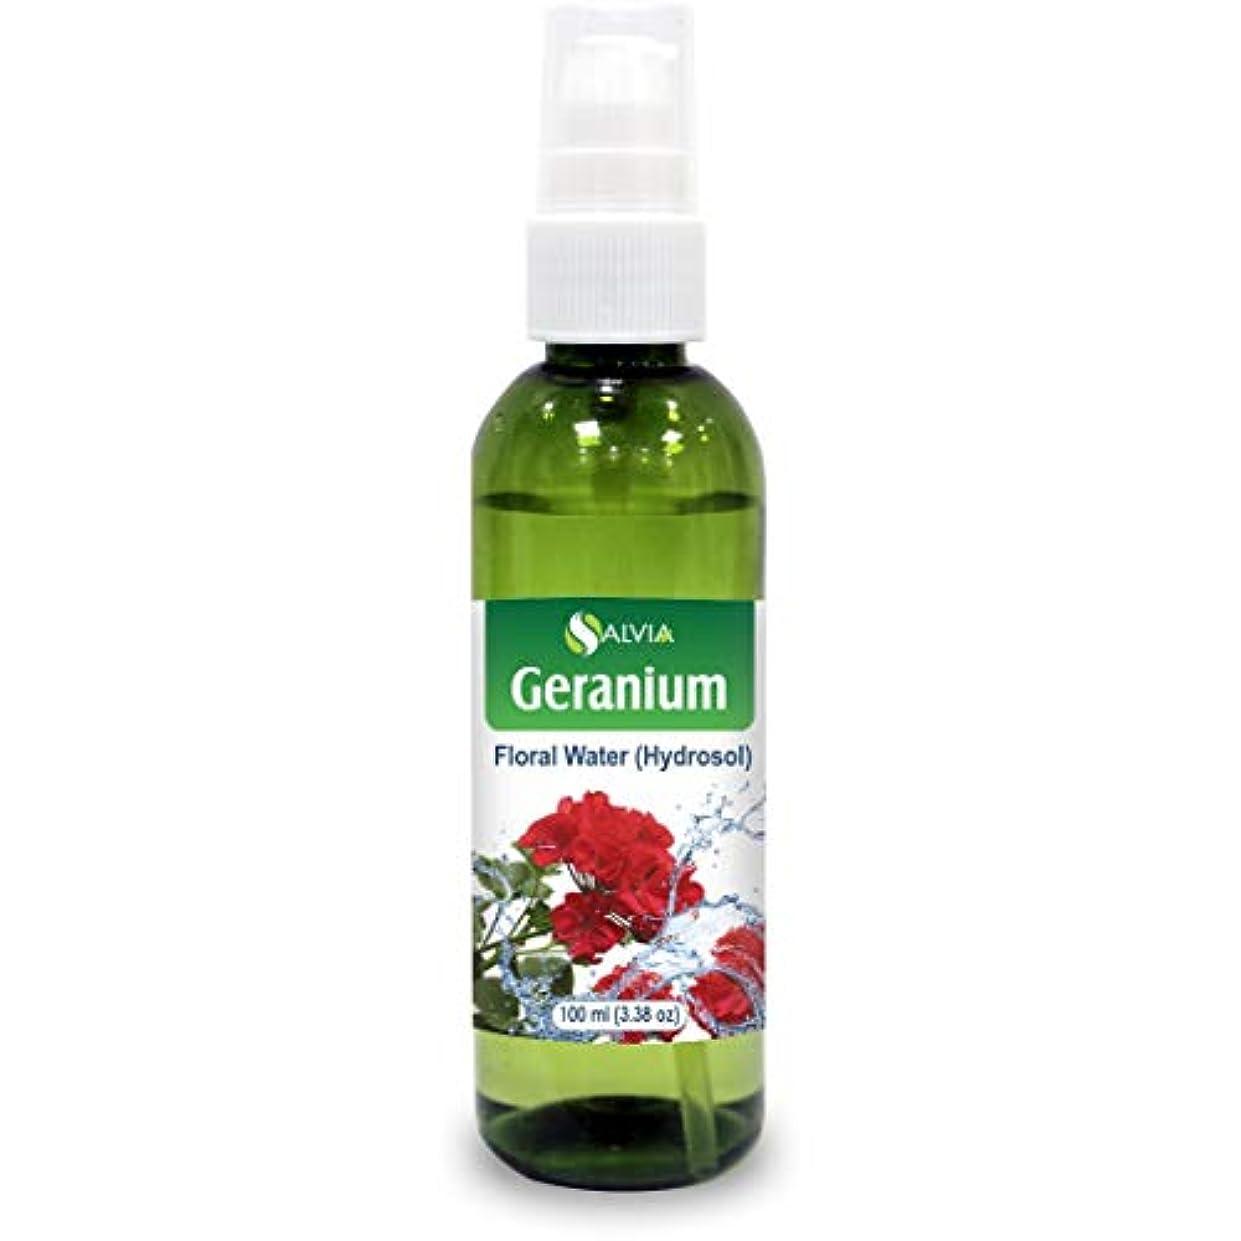 動物すばらしいですデザイナーGeranium Floral Water 100ml (Hydrosol) 100% Pure And Natural